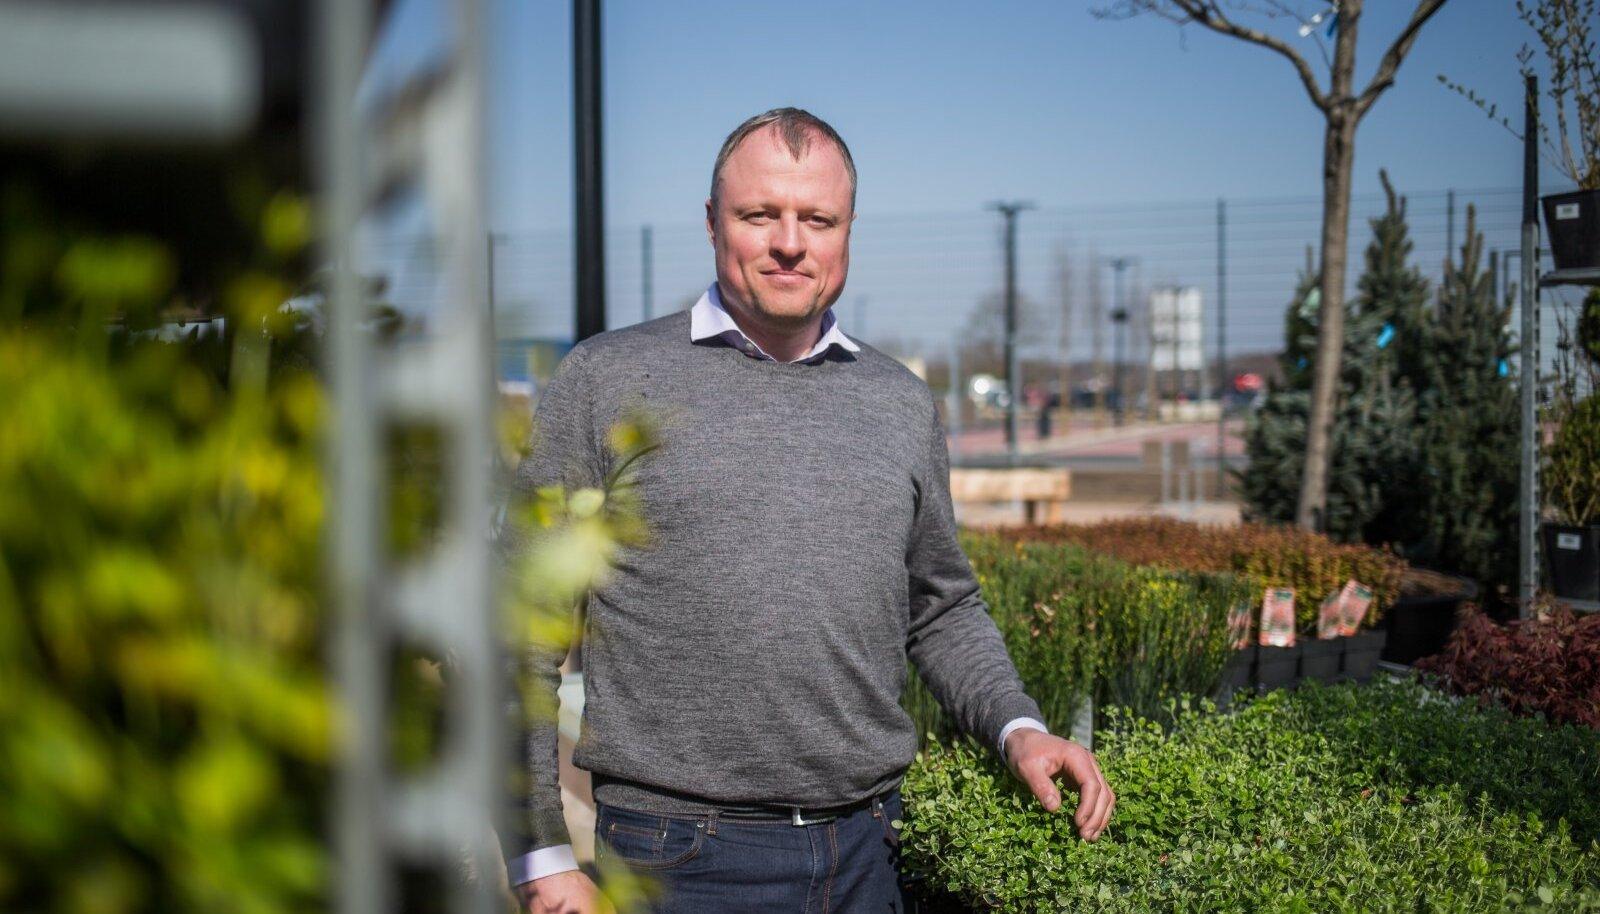 Lisaks rallide korraldamisele on Raul Jeets suutnud kokku panna suurima Eesti kapitalil põhineva põllumajanduskontserni.